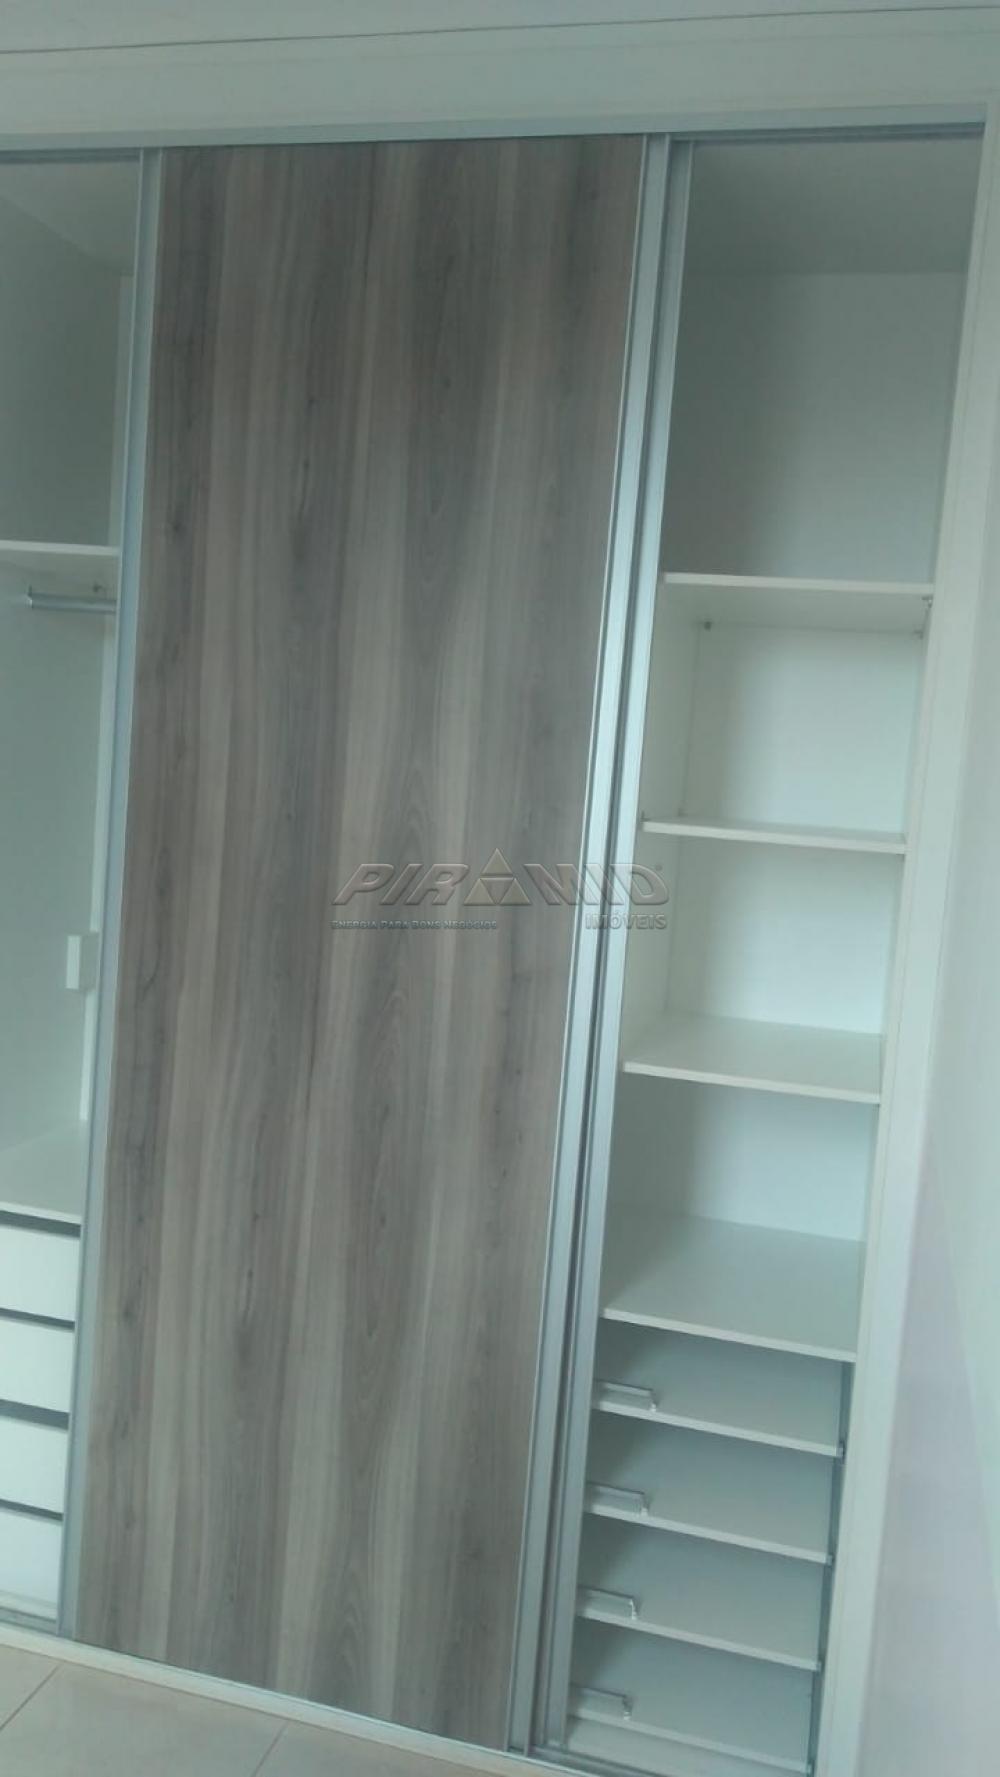 Alugar Casa / Condomínio em Ribeirão Preto apenas R$ 1.900,00 - Foto 8